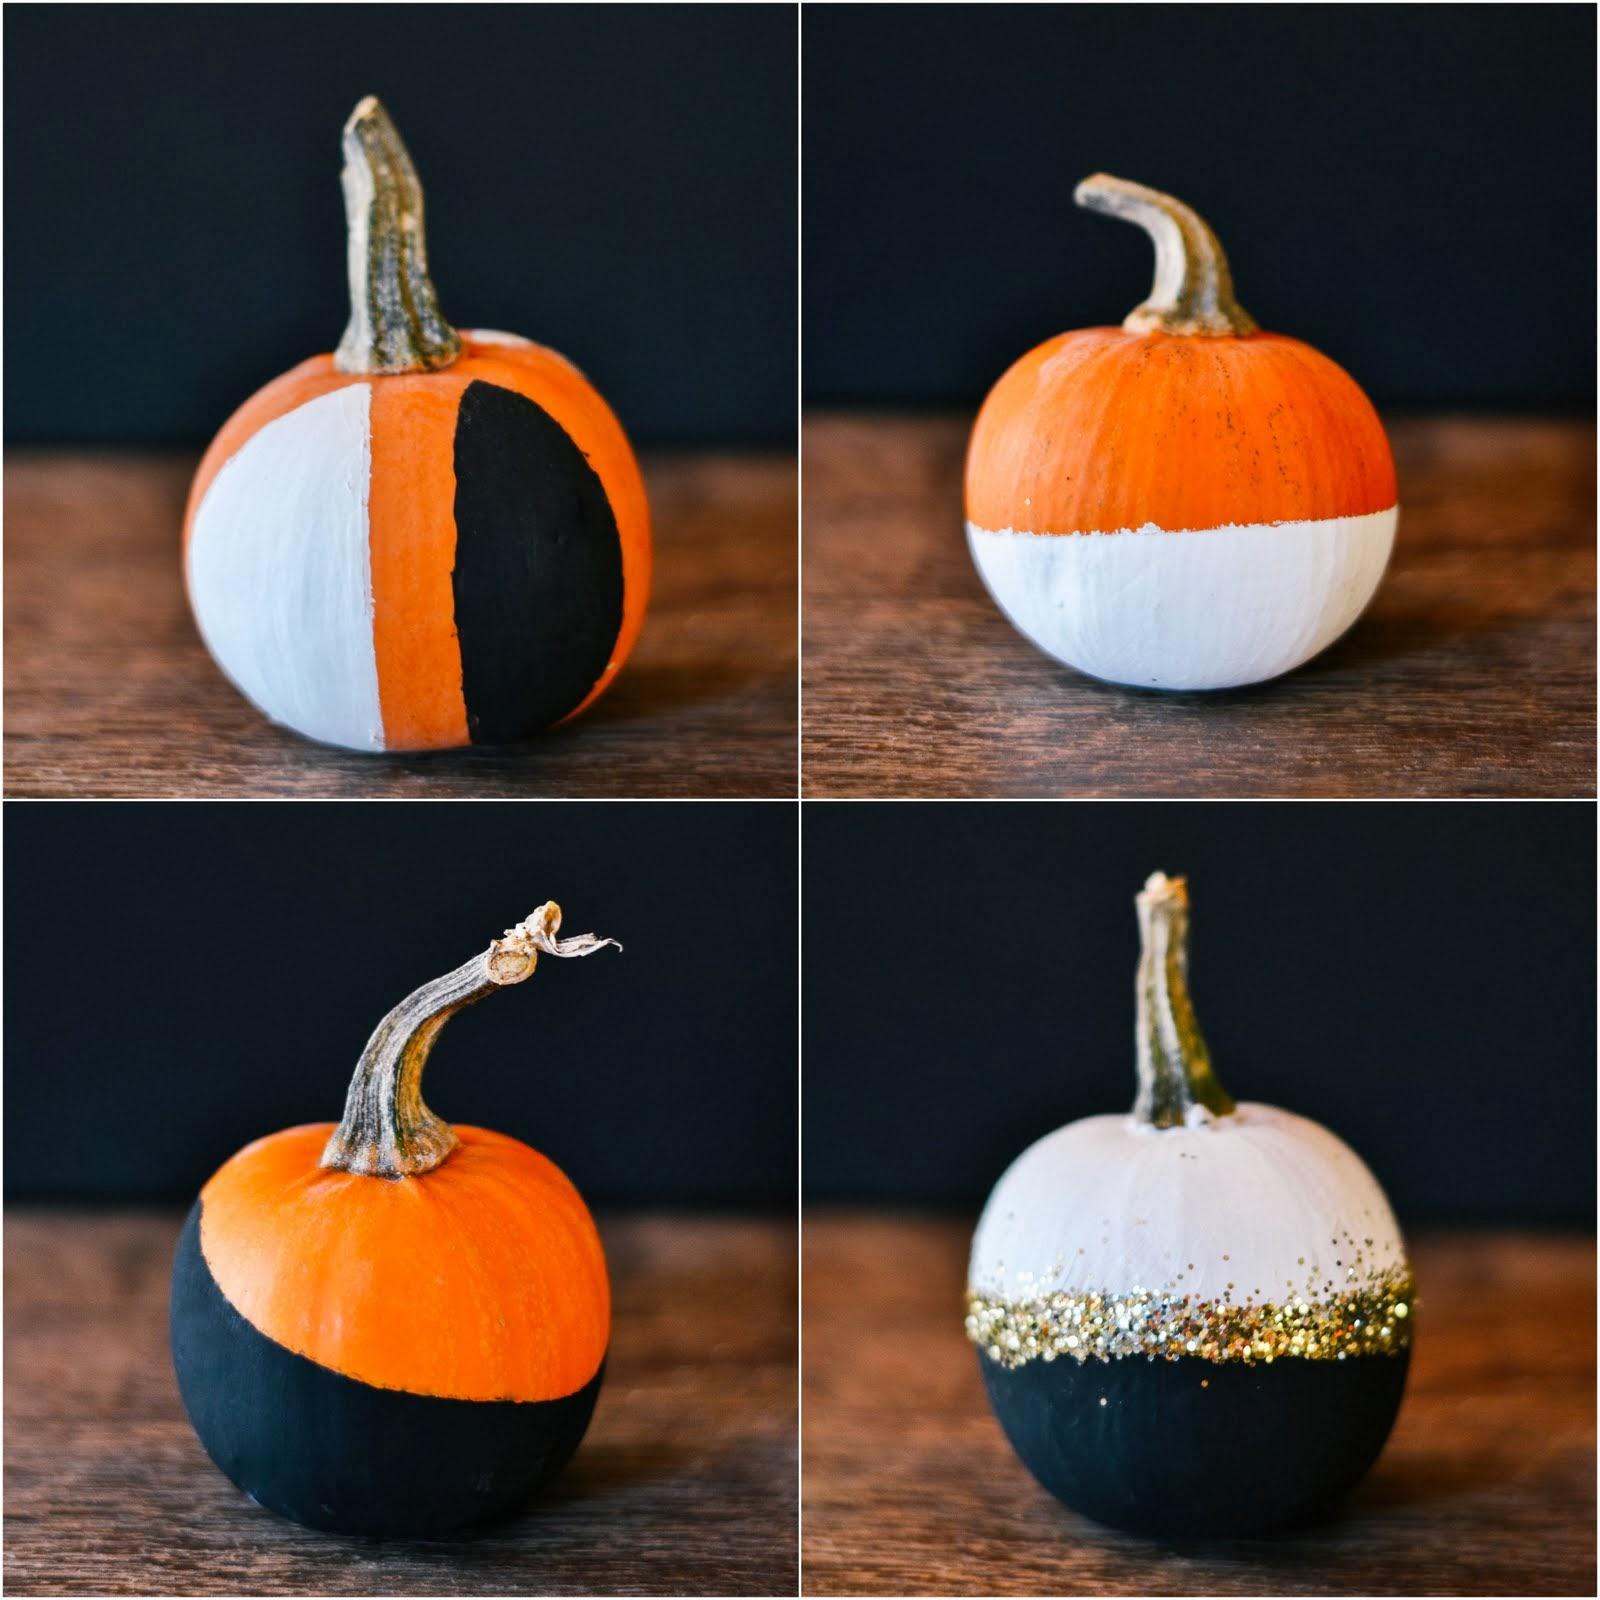 bw+painted+pumpkins.jpg